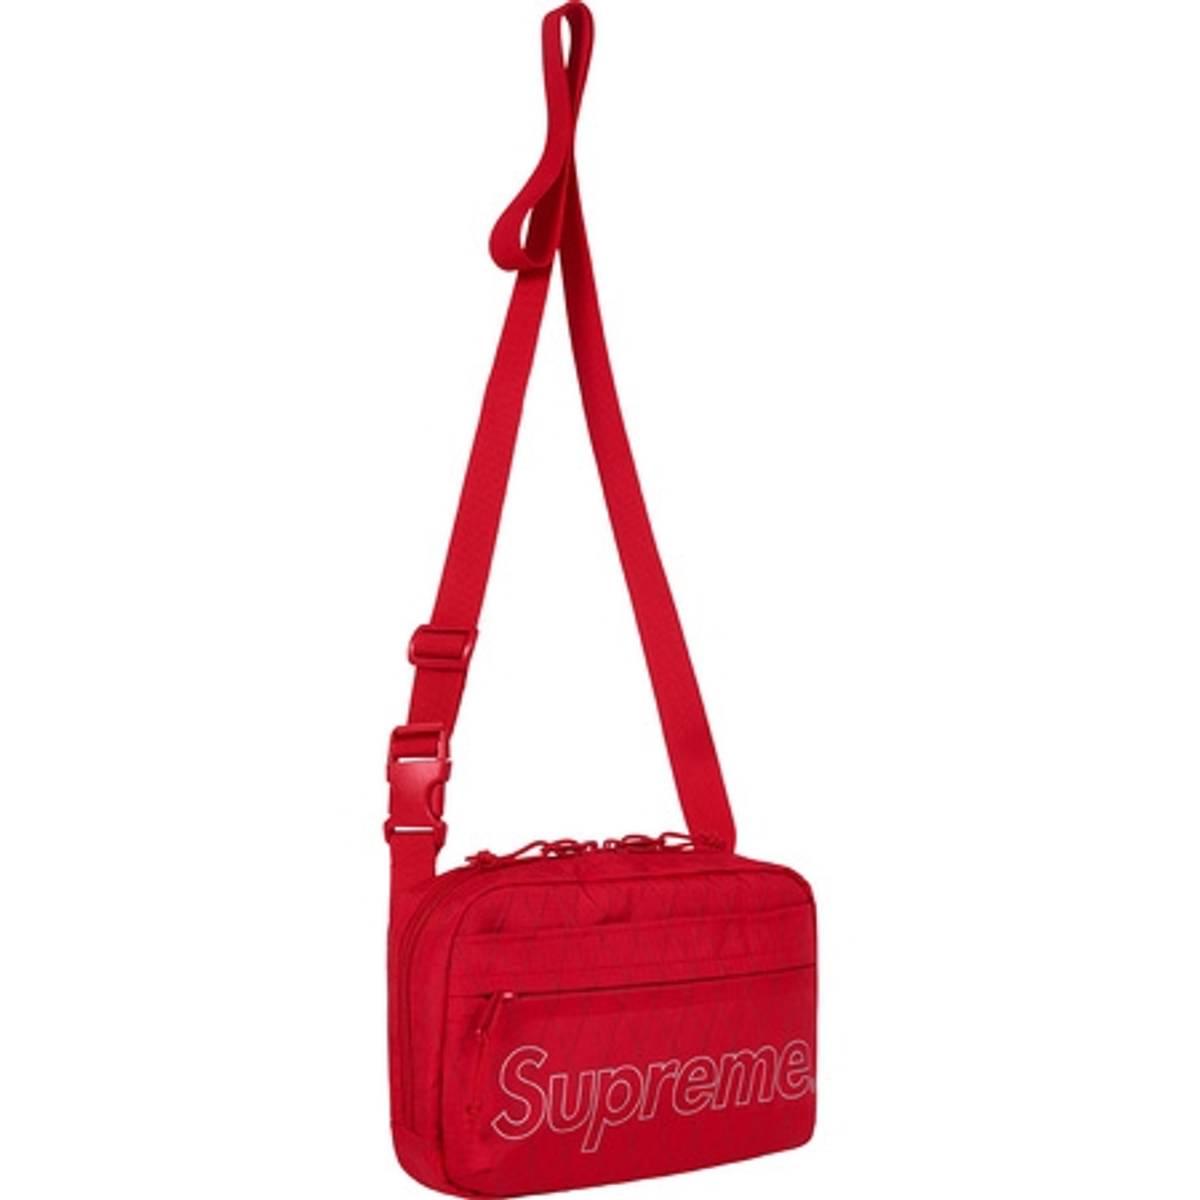 Supreme Supreme Shoulder Bag (fw18) Red   Grailed